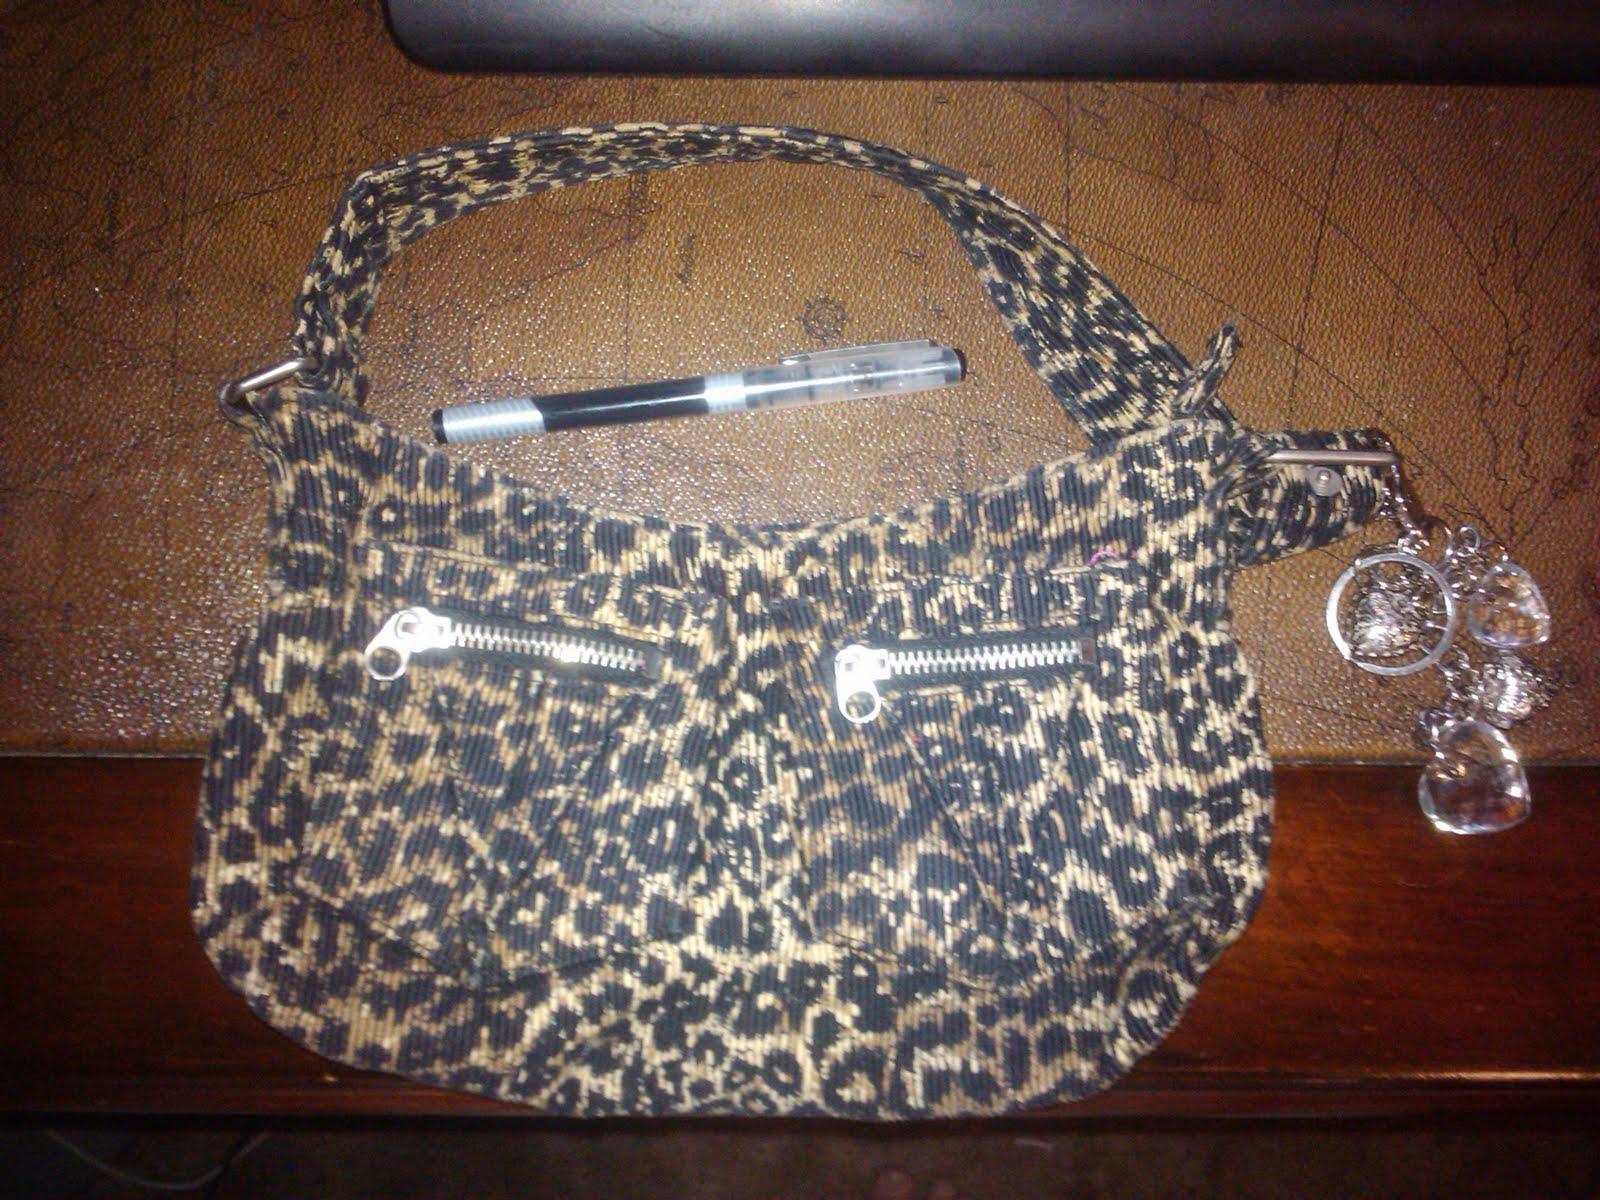 http://4.bp.blogspot.com/-So9zbkWHhiY/TiZqsrMMU2I/AAAAAAAAALk/J4LdszQ6yVs/s1600/purse.jpg